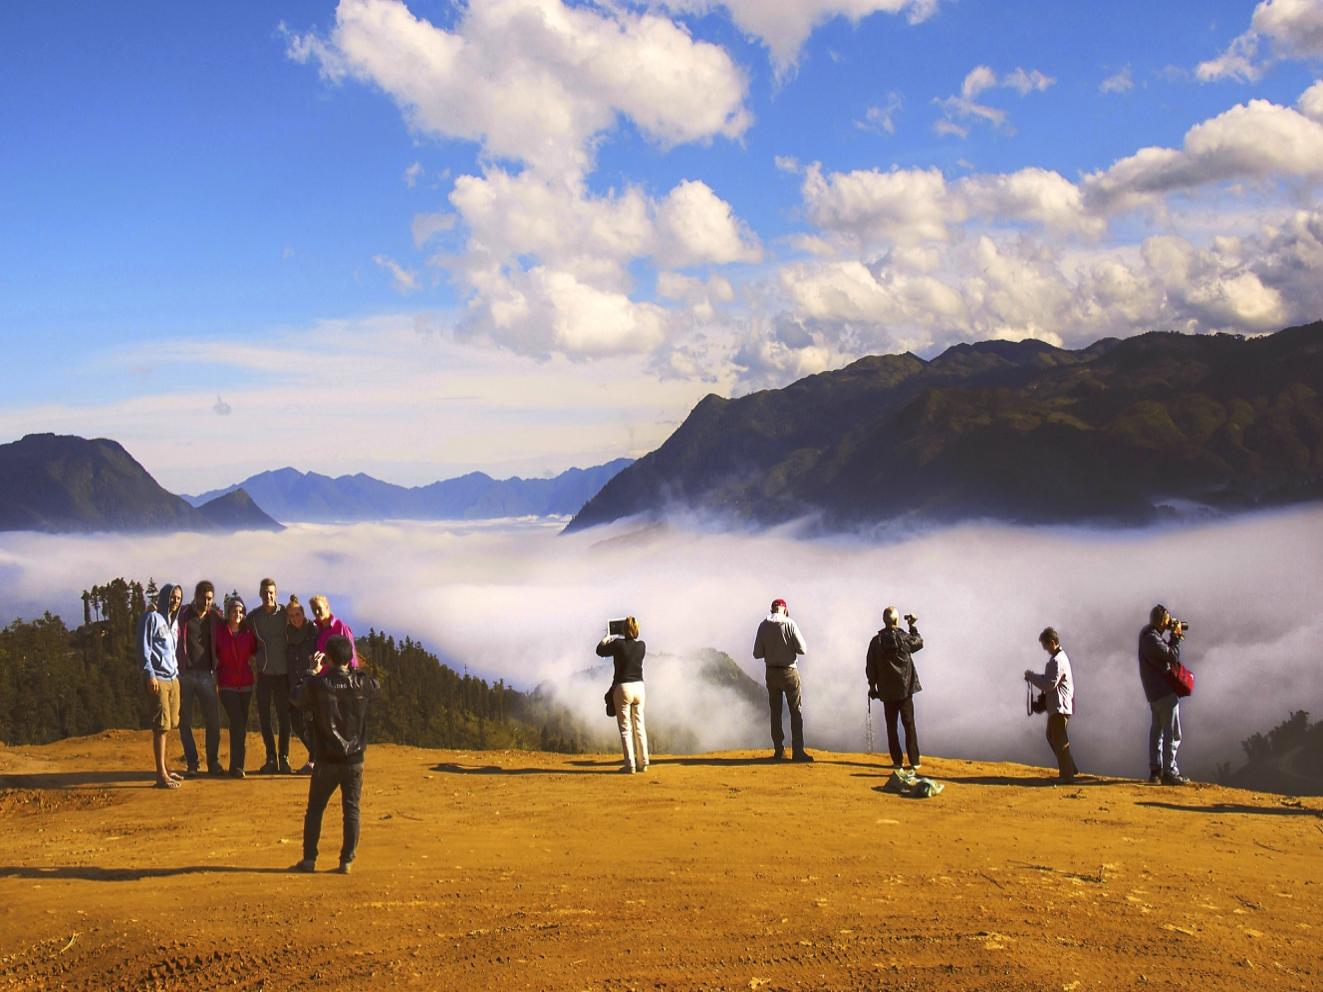 Mùa săn mây, đừng bỏ lỡ cơ hội đến với Sa Pa